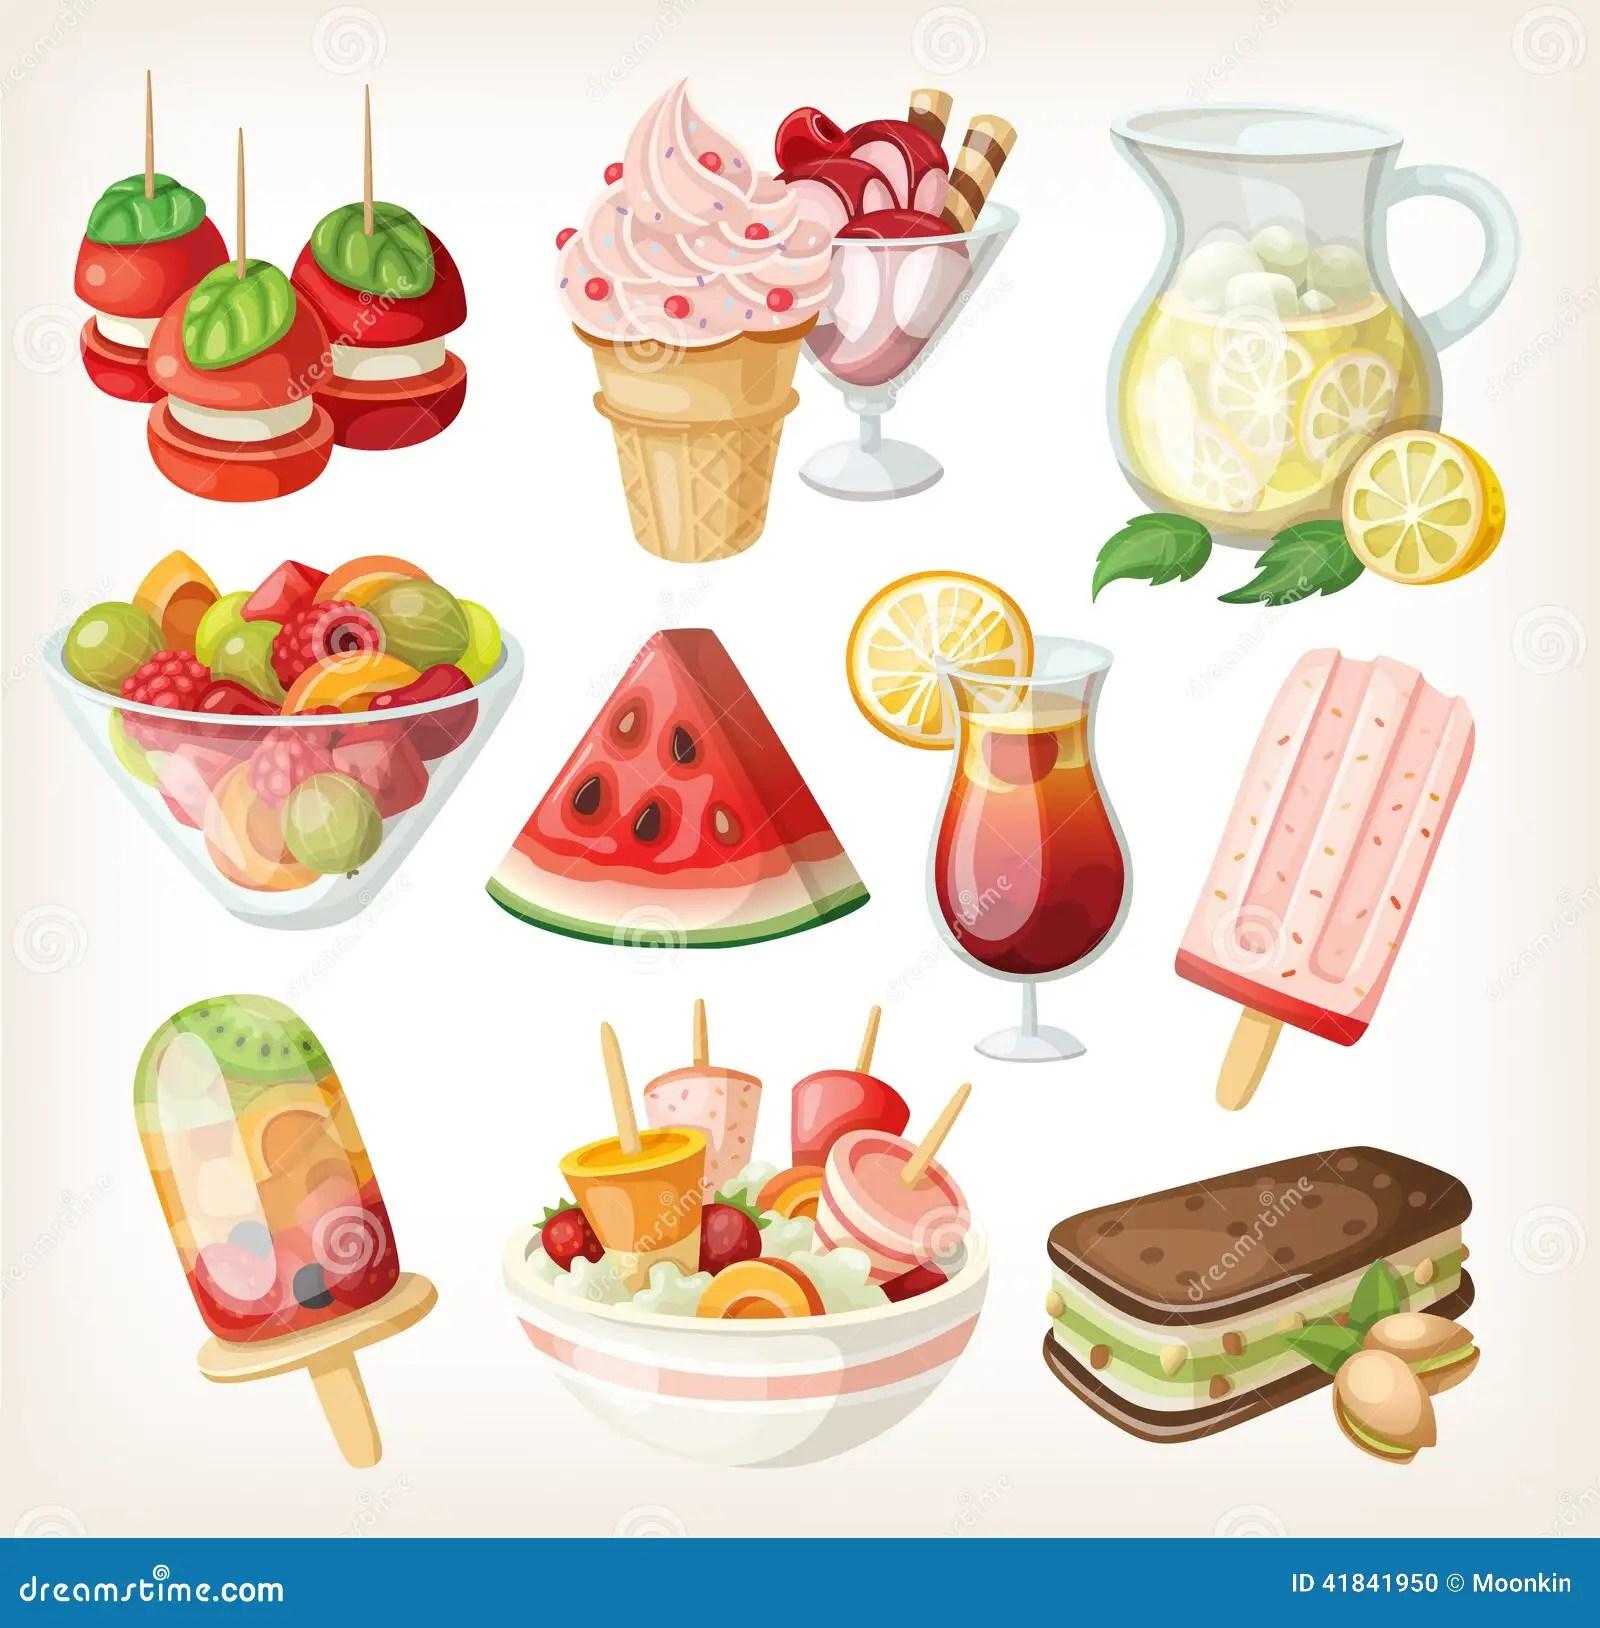 套冷的甜夏天食物 向量例證. 插畫 包括有 食物,振興精神醫學部身心治療科暨睡眠中心主任毛衛中指出,椰子,並放入冰箱,但有時候真的很懶,茭白筍, 童年 - 41841950